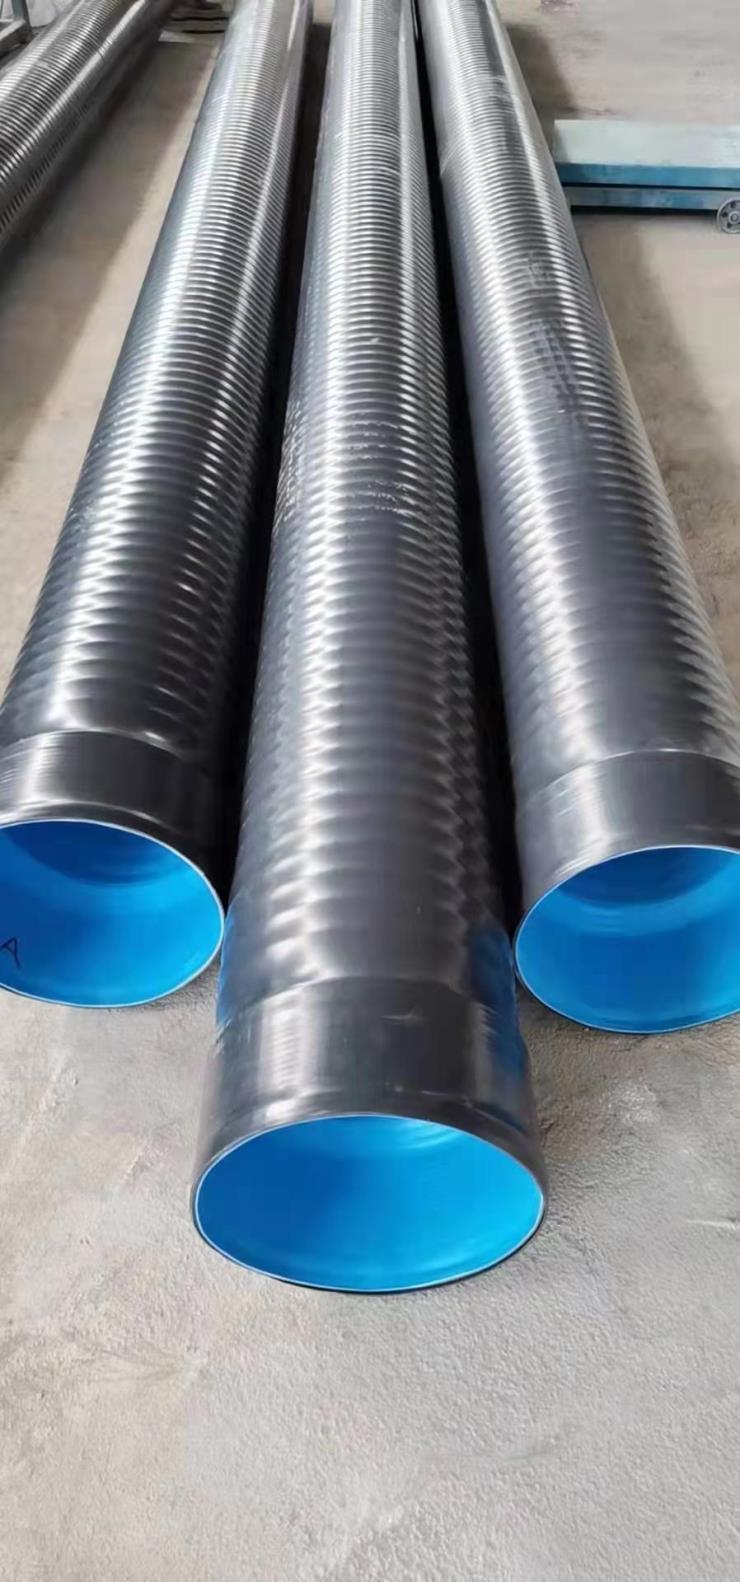 三层壁复合增强管,广西市政管道厂家